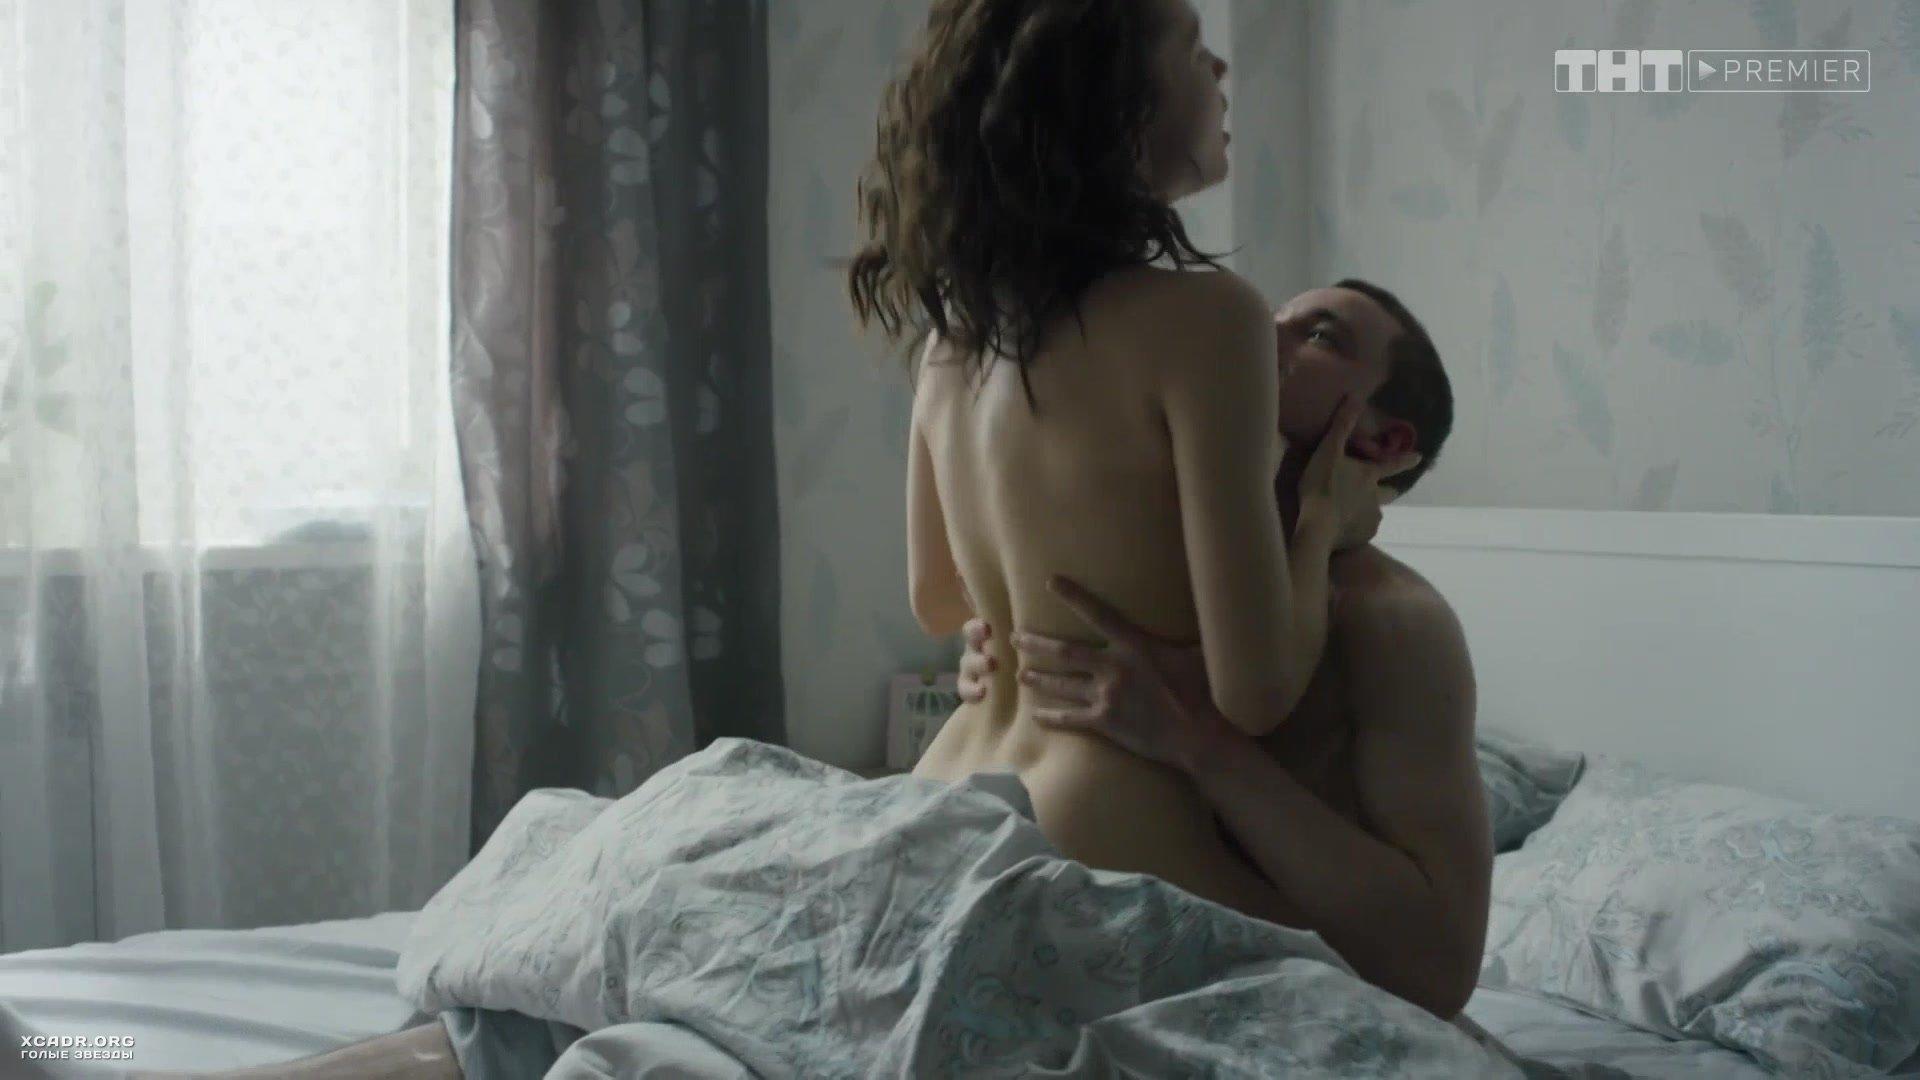 прощения, Порно большие попки в душе что смогу